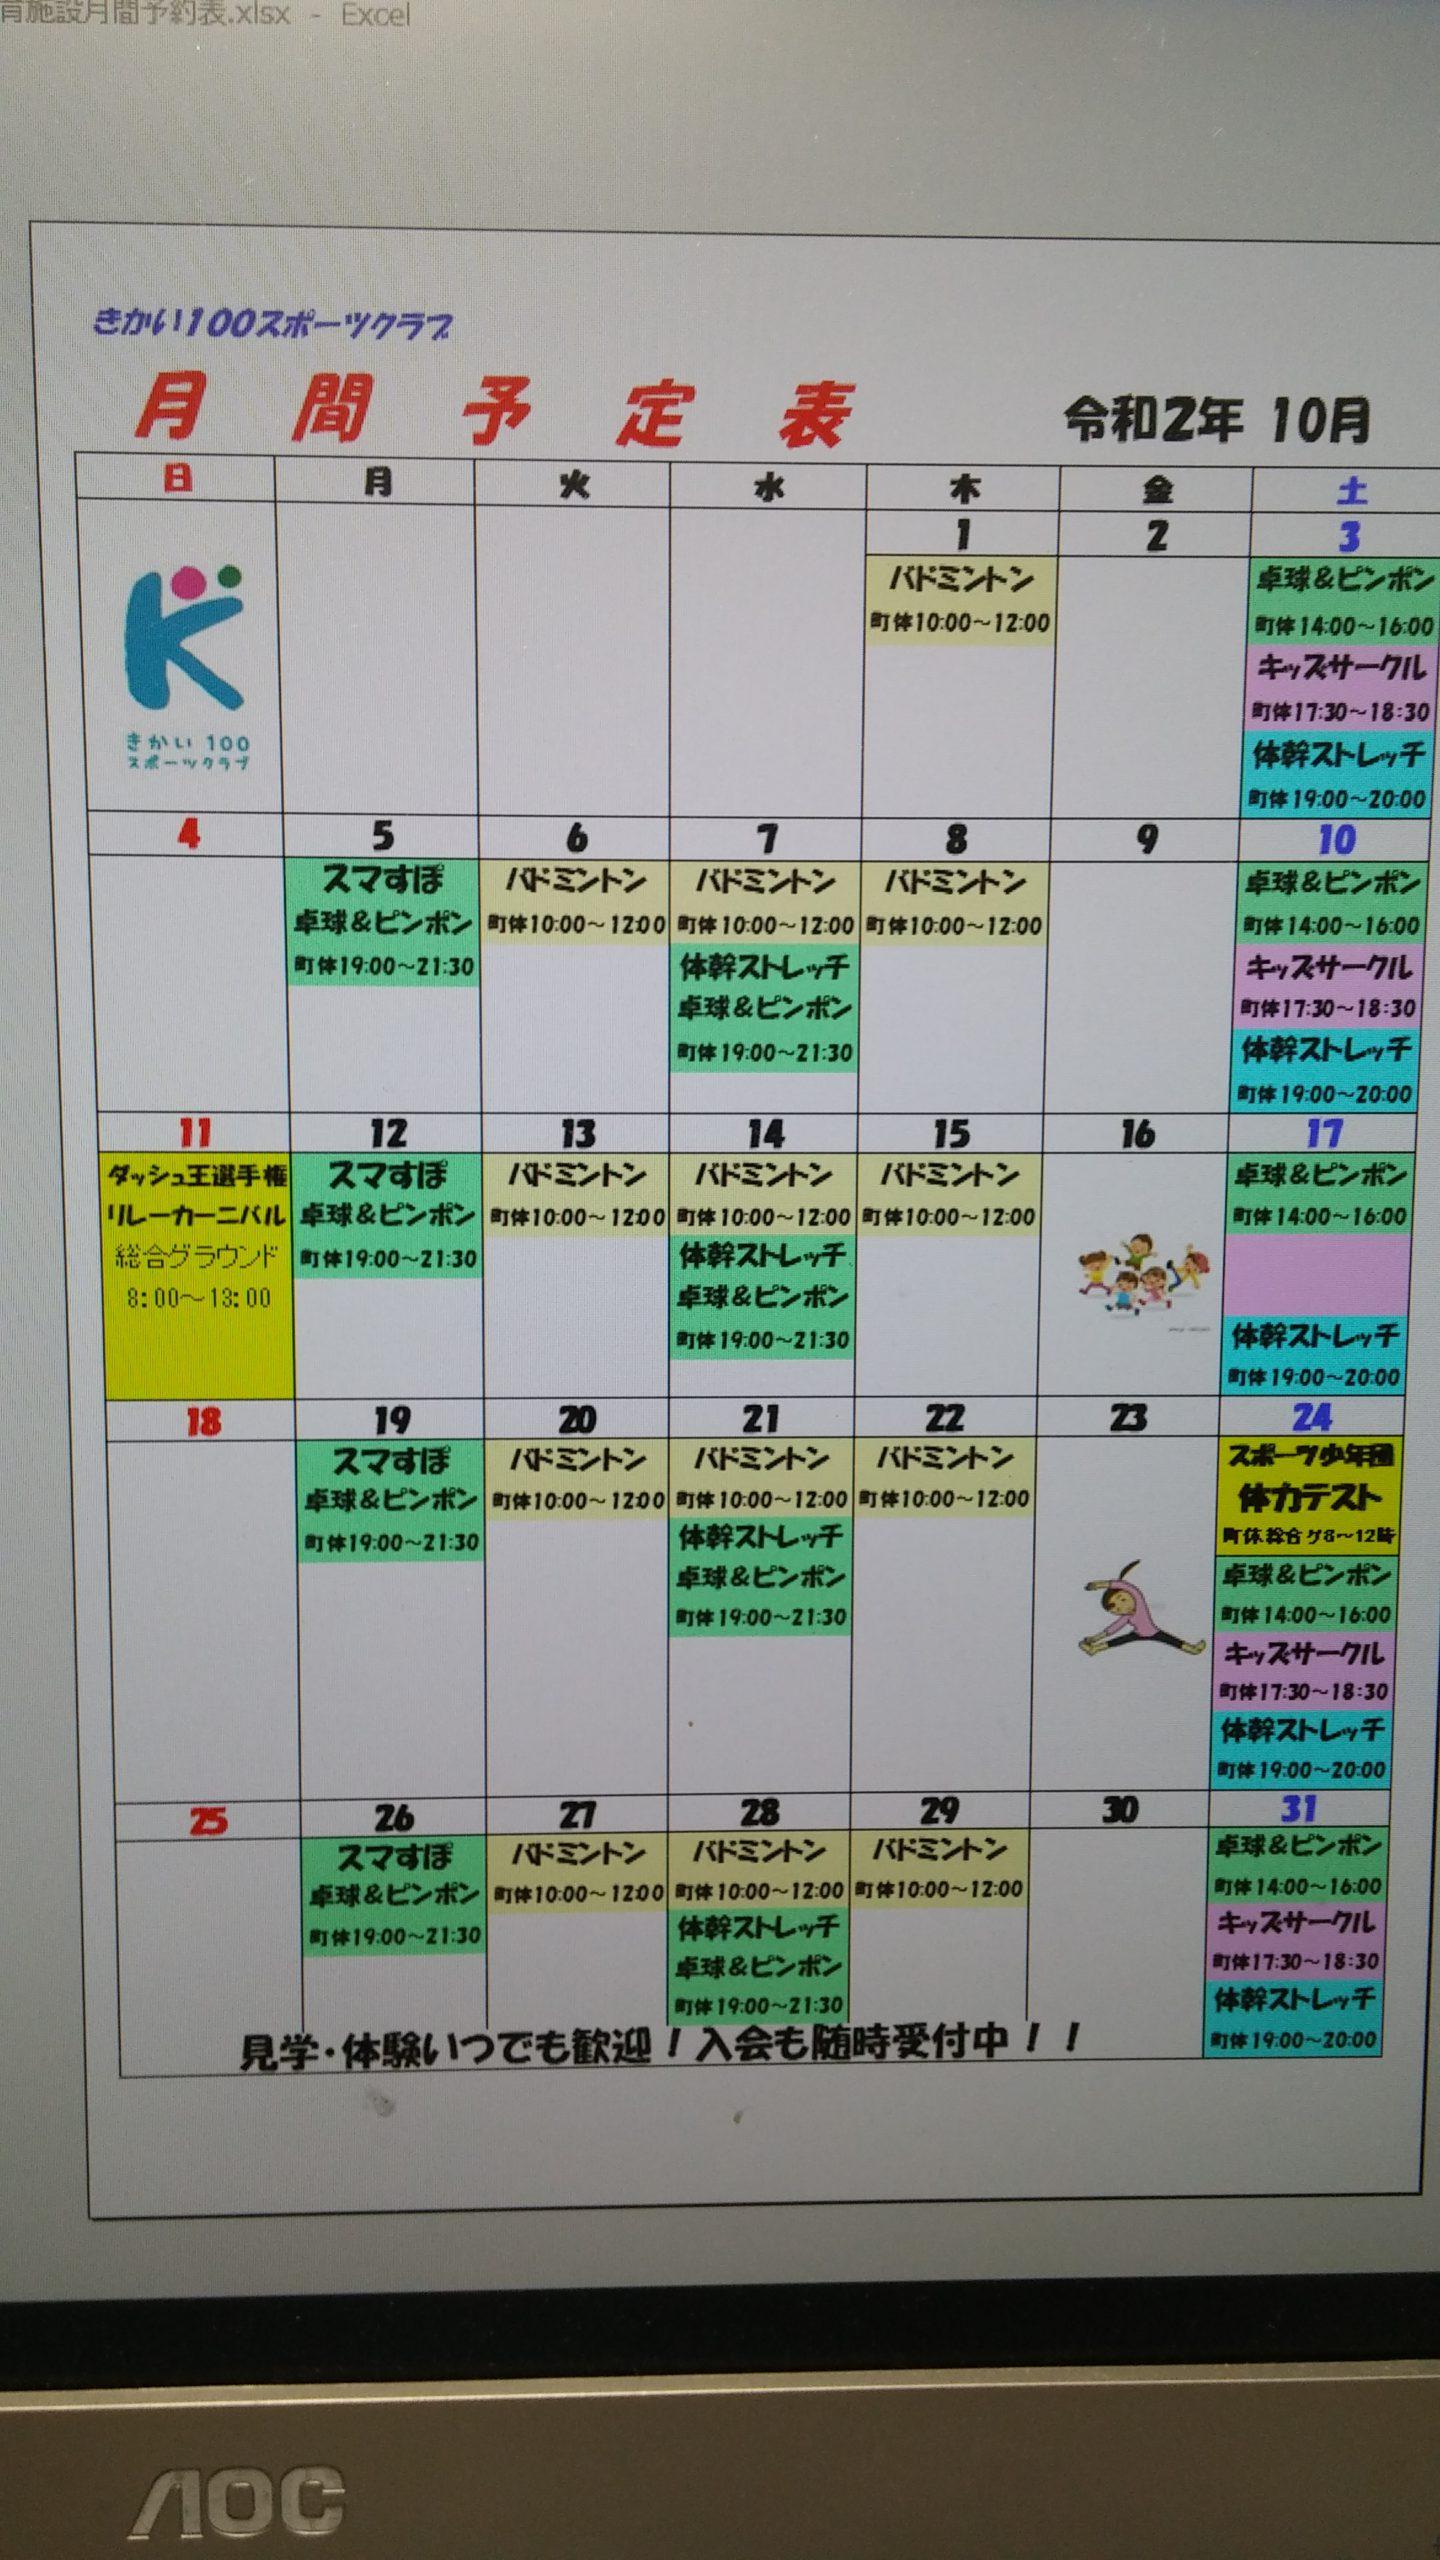 10月のイベントカレンダーを掲載します!